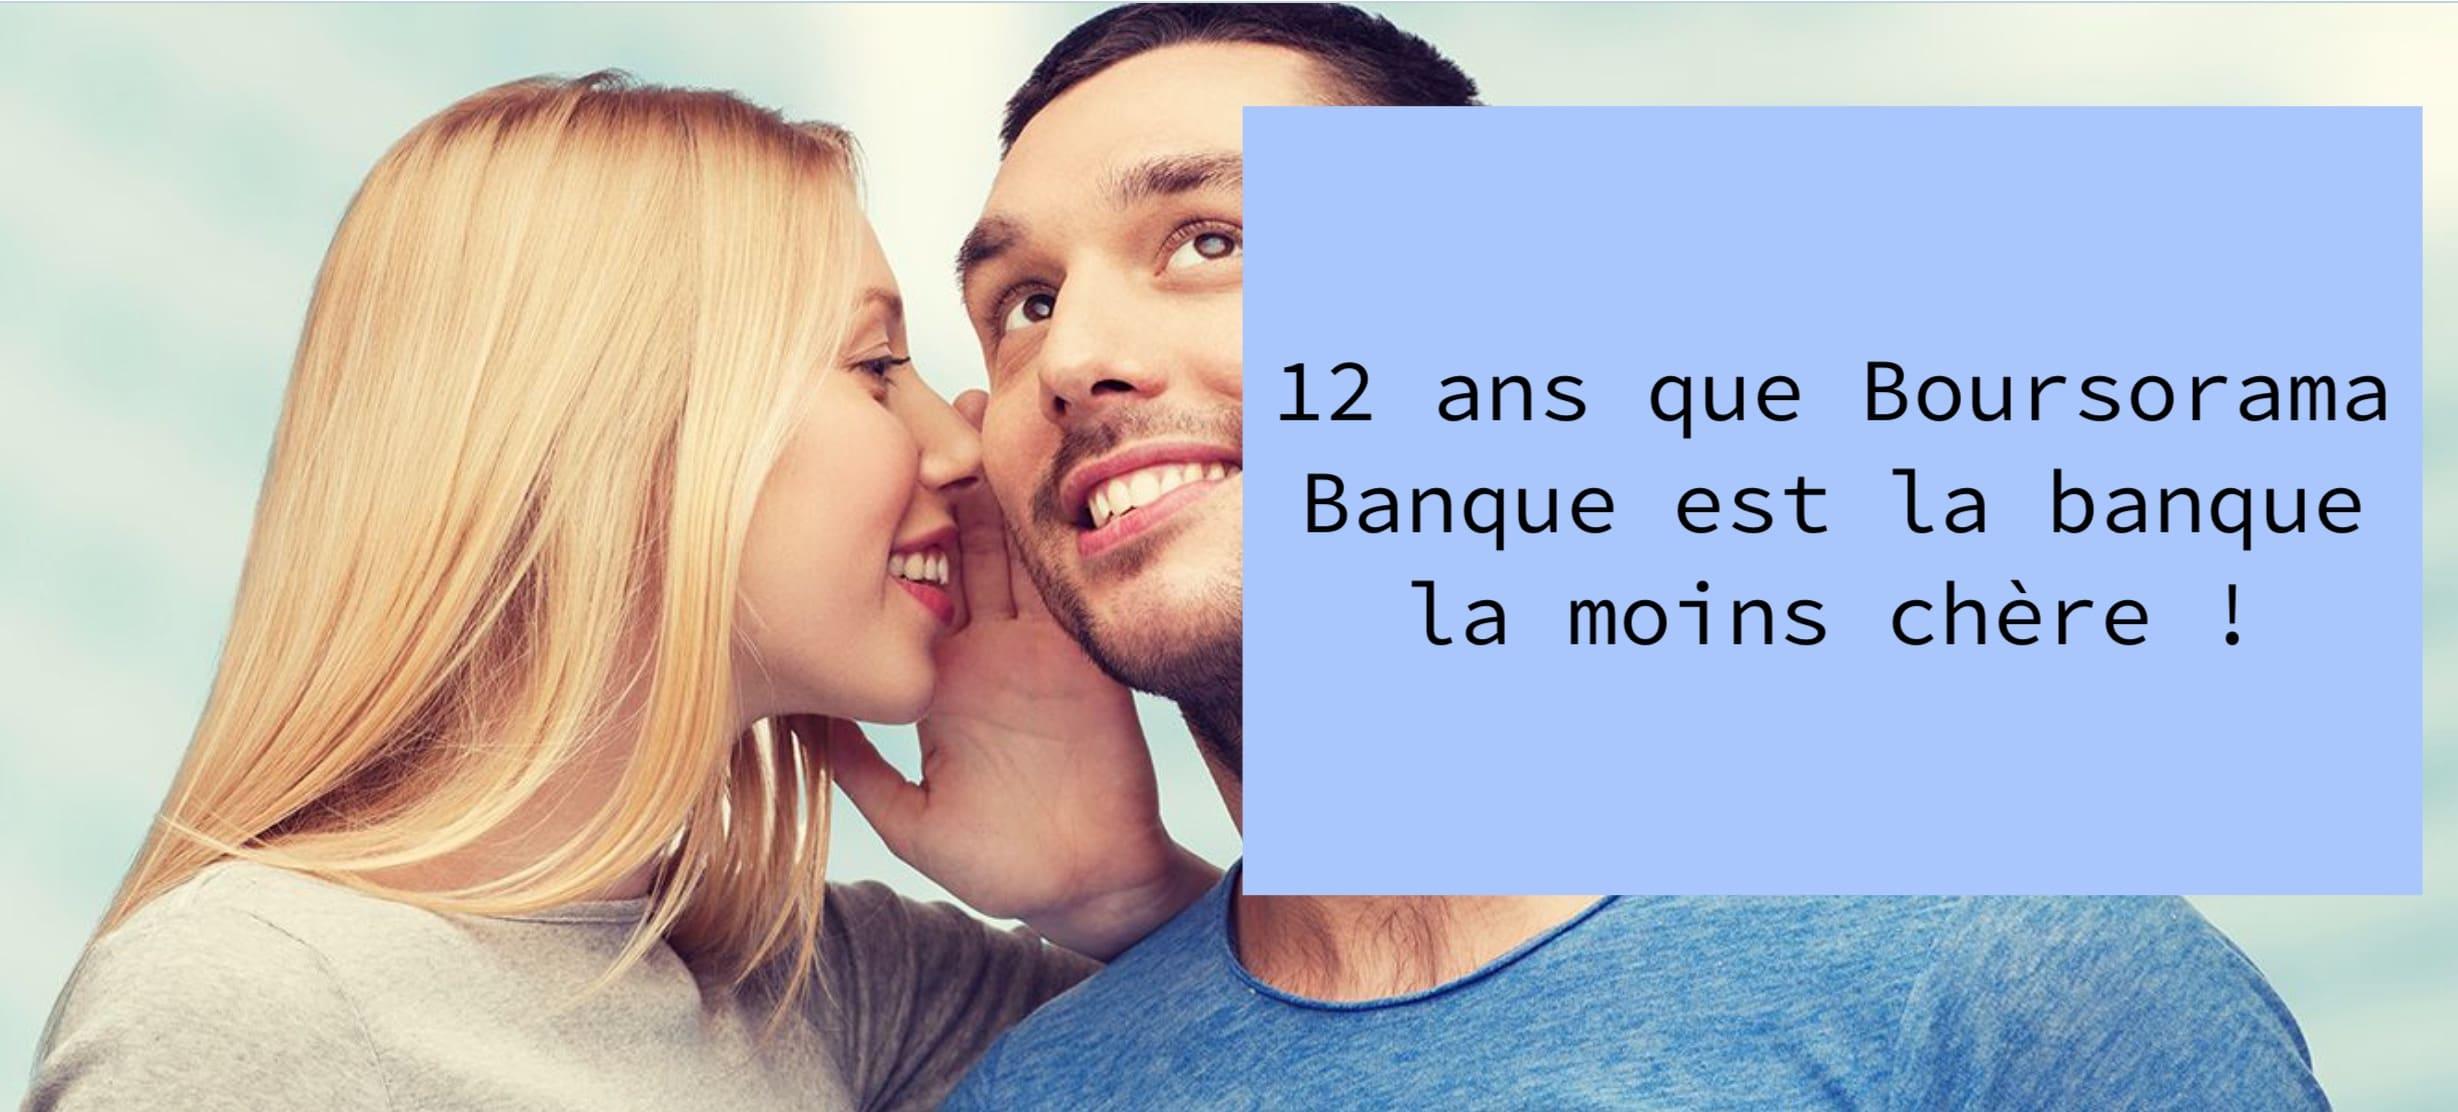 Boursorama Banque La Moins Chere 12 Ans